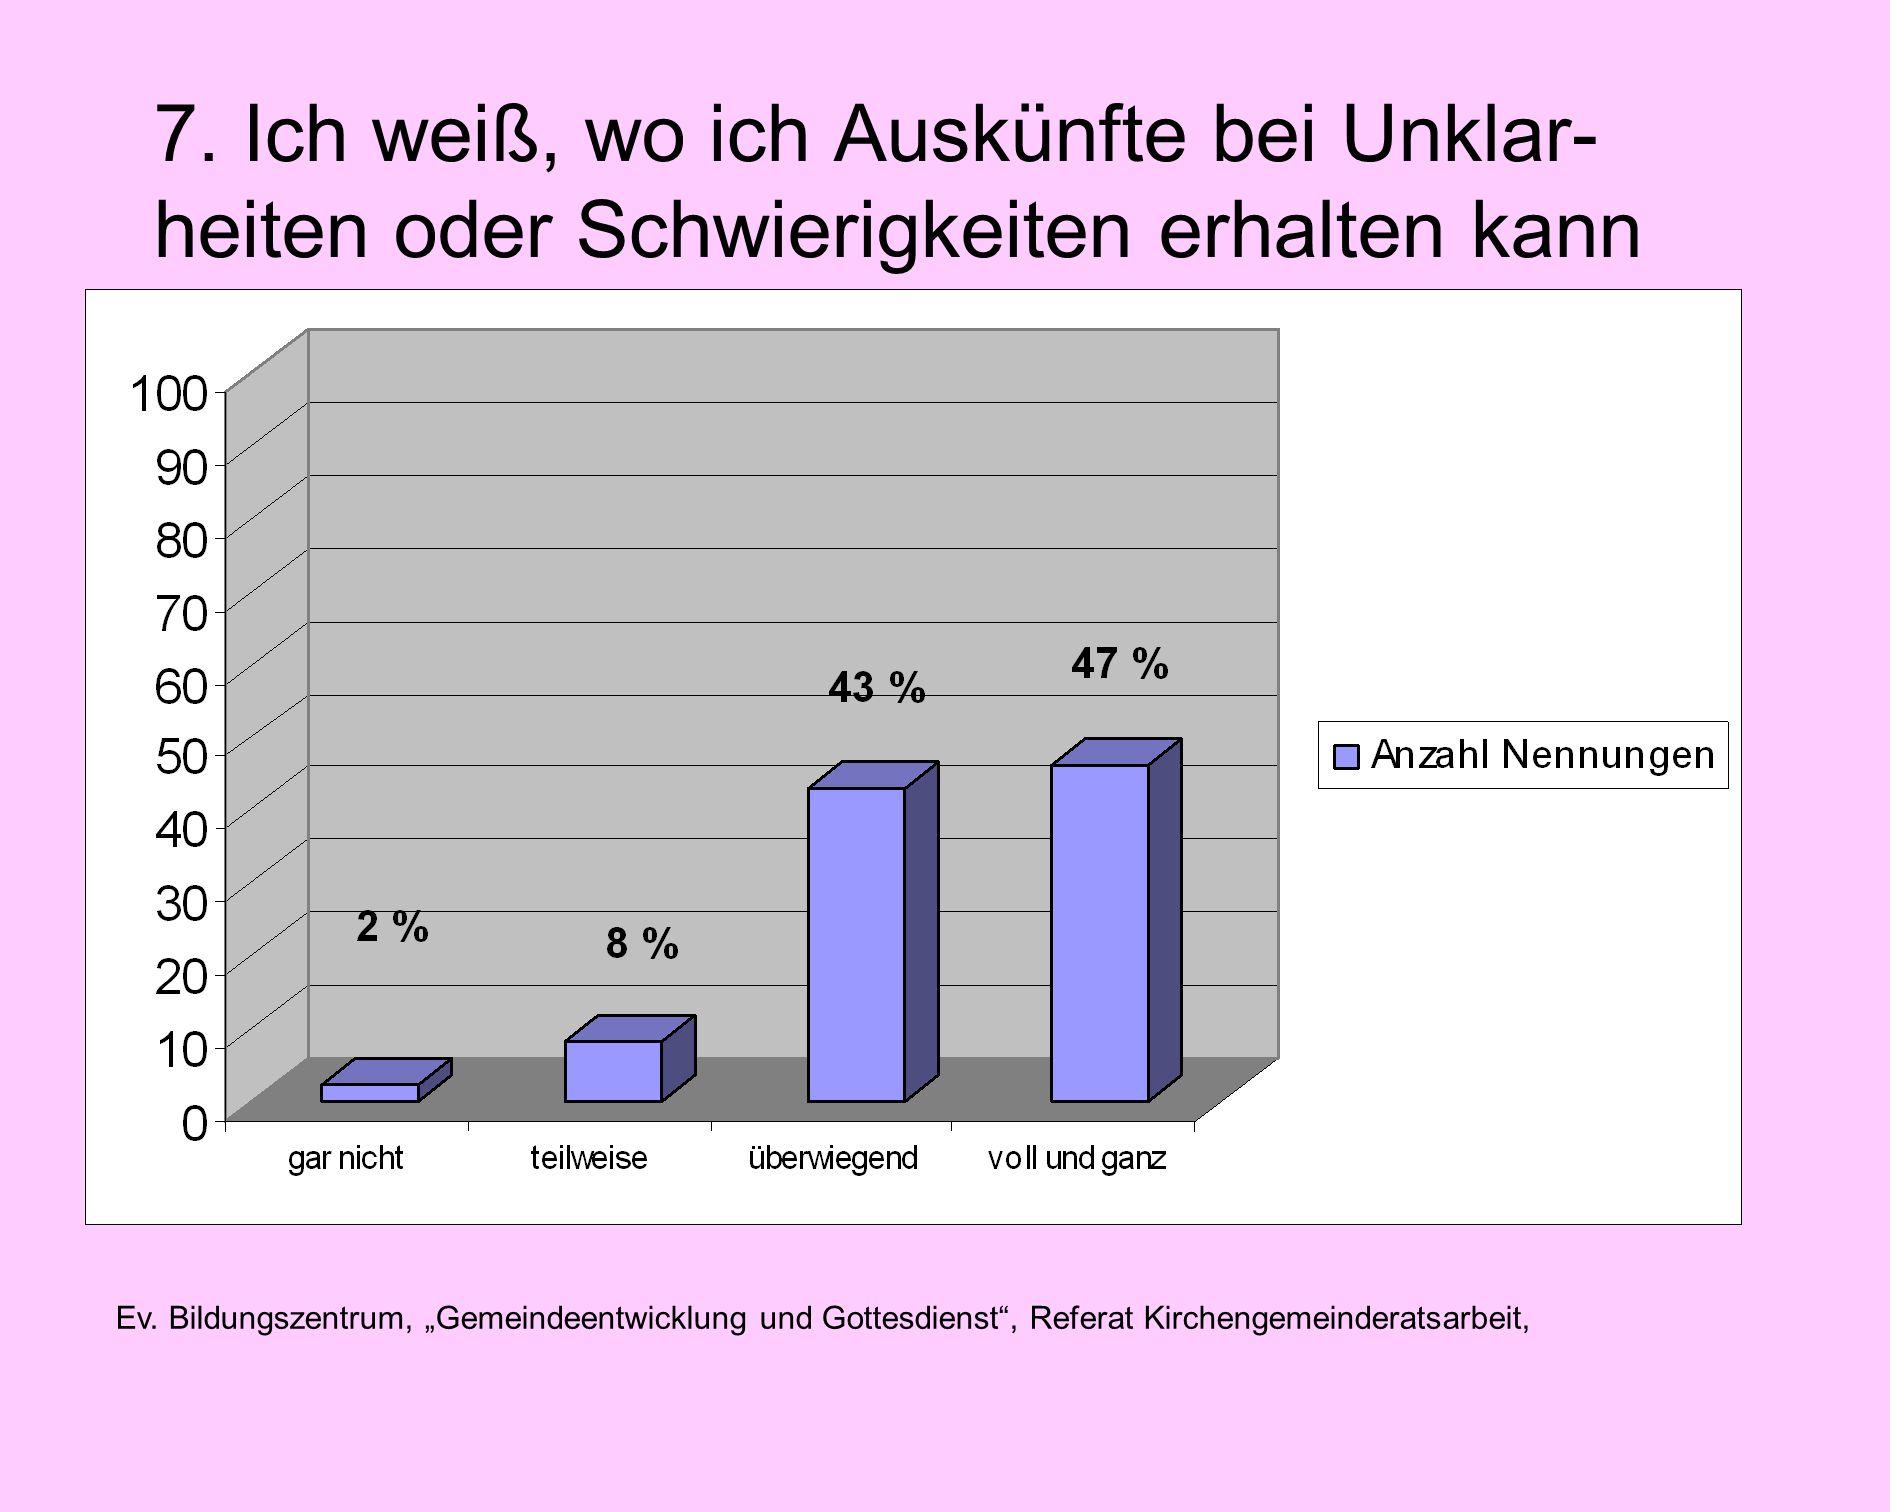 Ev. Bildungszentrum, Gemeindeentwicklung und Gottesdienst, Referat Kirchengemeinderatsarbeit, 7.